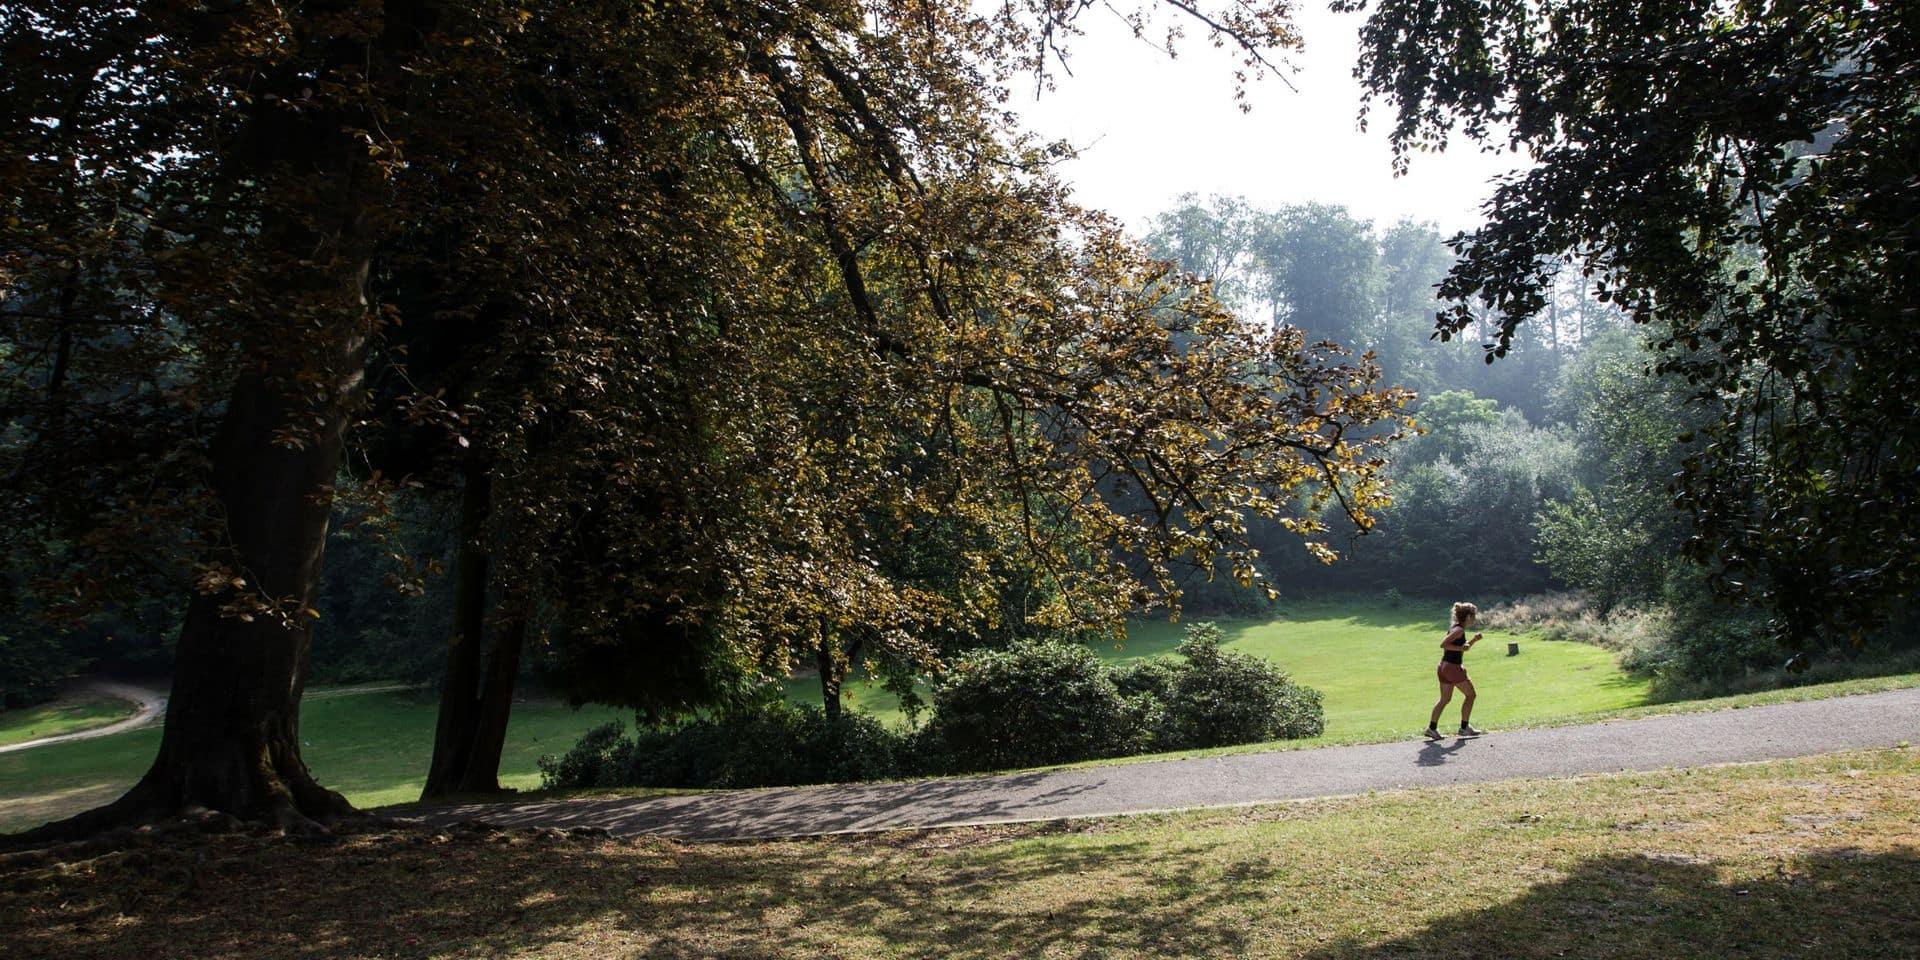 Rafales attendues ce dimanche à Bruxelles : des parcs fermés jusqu'à lundi